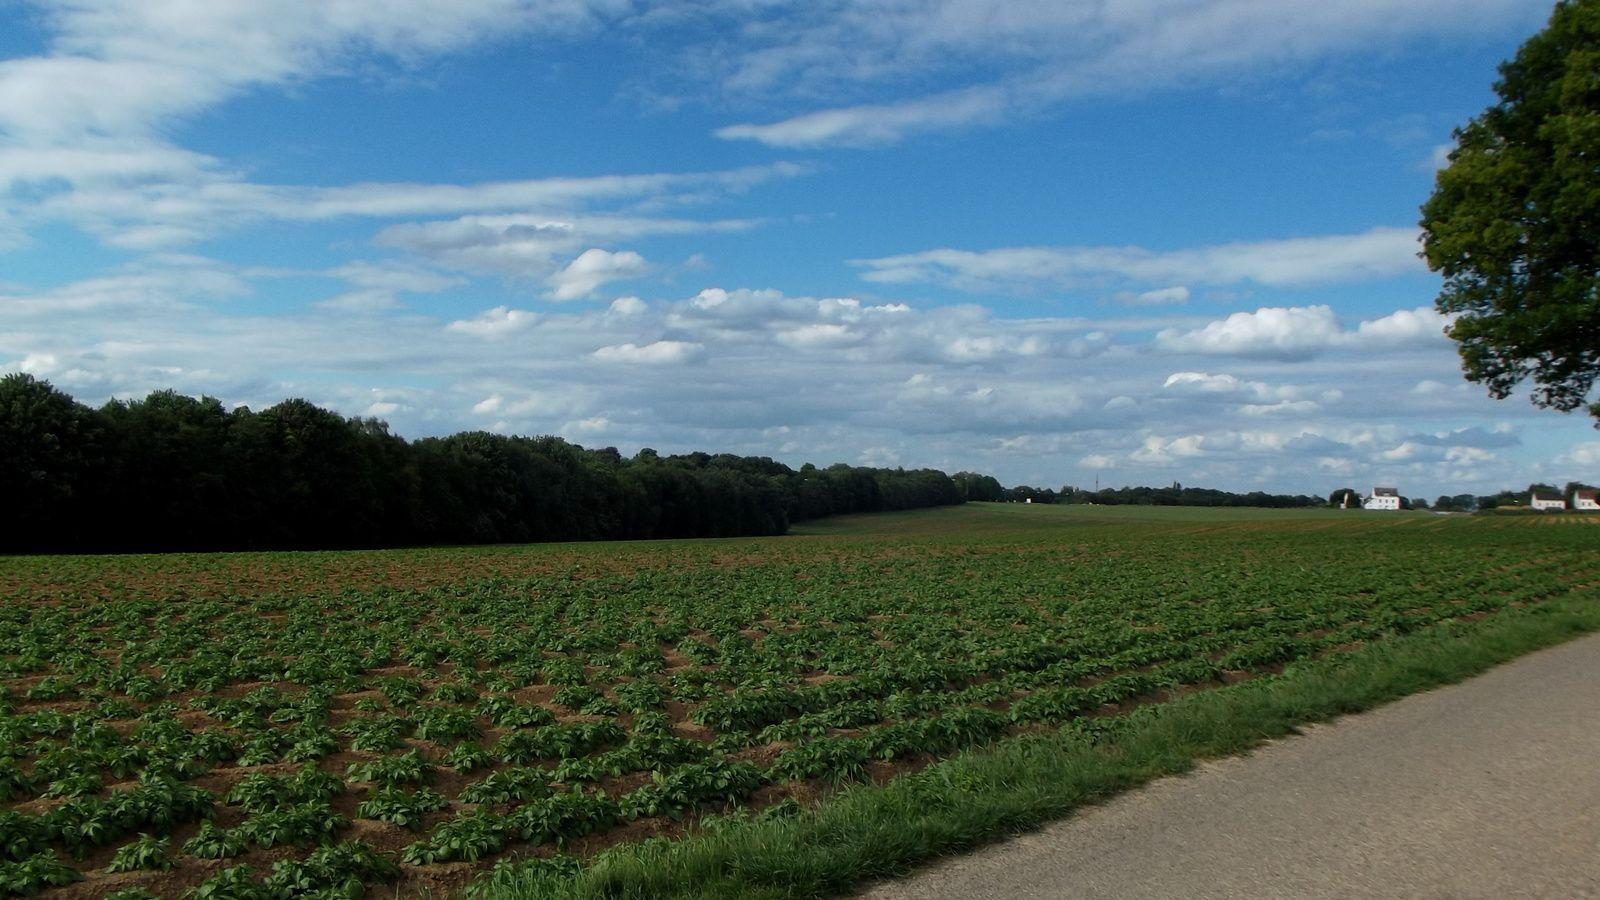 Sur la gauche du chemin , endroit ou se sont formés les carrés Britanniques , on voit bien que les Anglais étaient sur une crête et que la cavaleirie Française a due arrivée essoufflée et la charge ralentie sur le chemin pour repartir ensuite sur ces carrés ..Et bien sur  en 1815 il n'y avait pas les arbres sur la gauche  qui filent vers l'horizon .En 2014 c'est une autoroute/ring ....